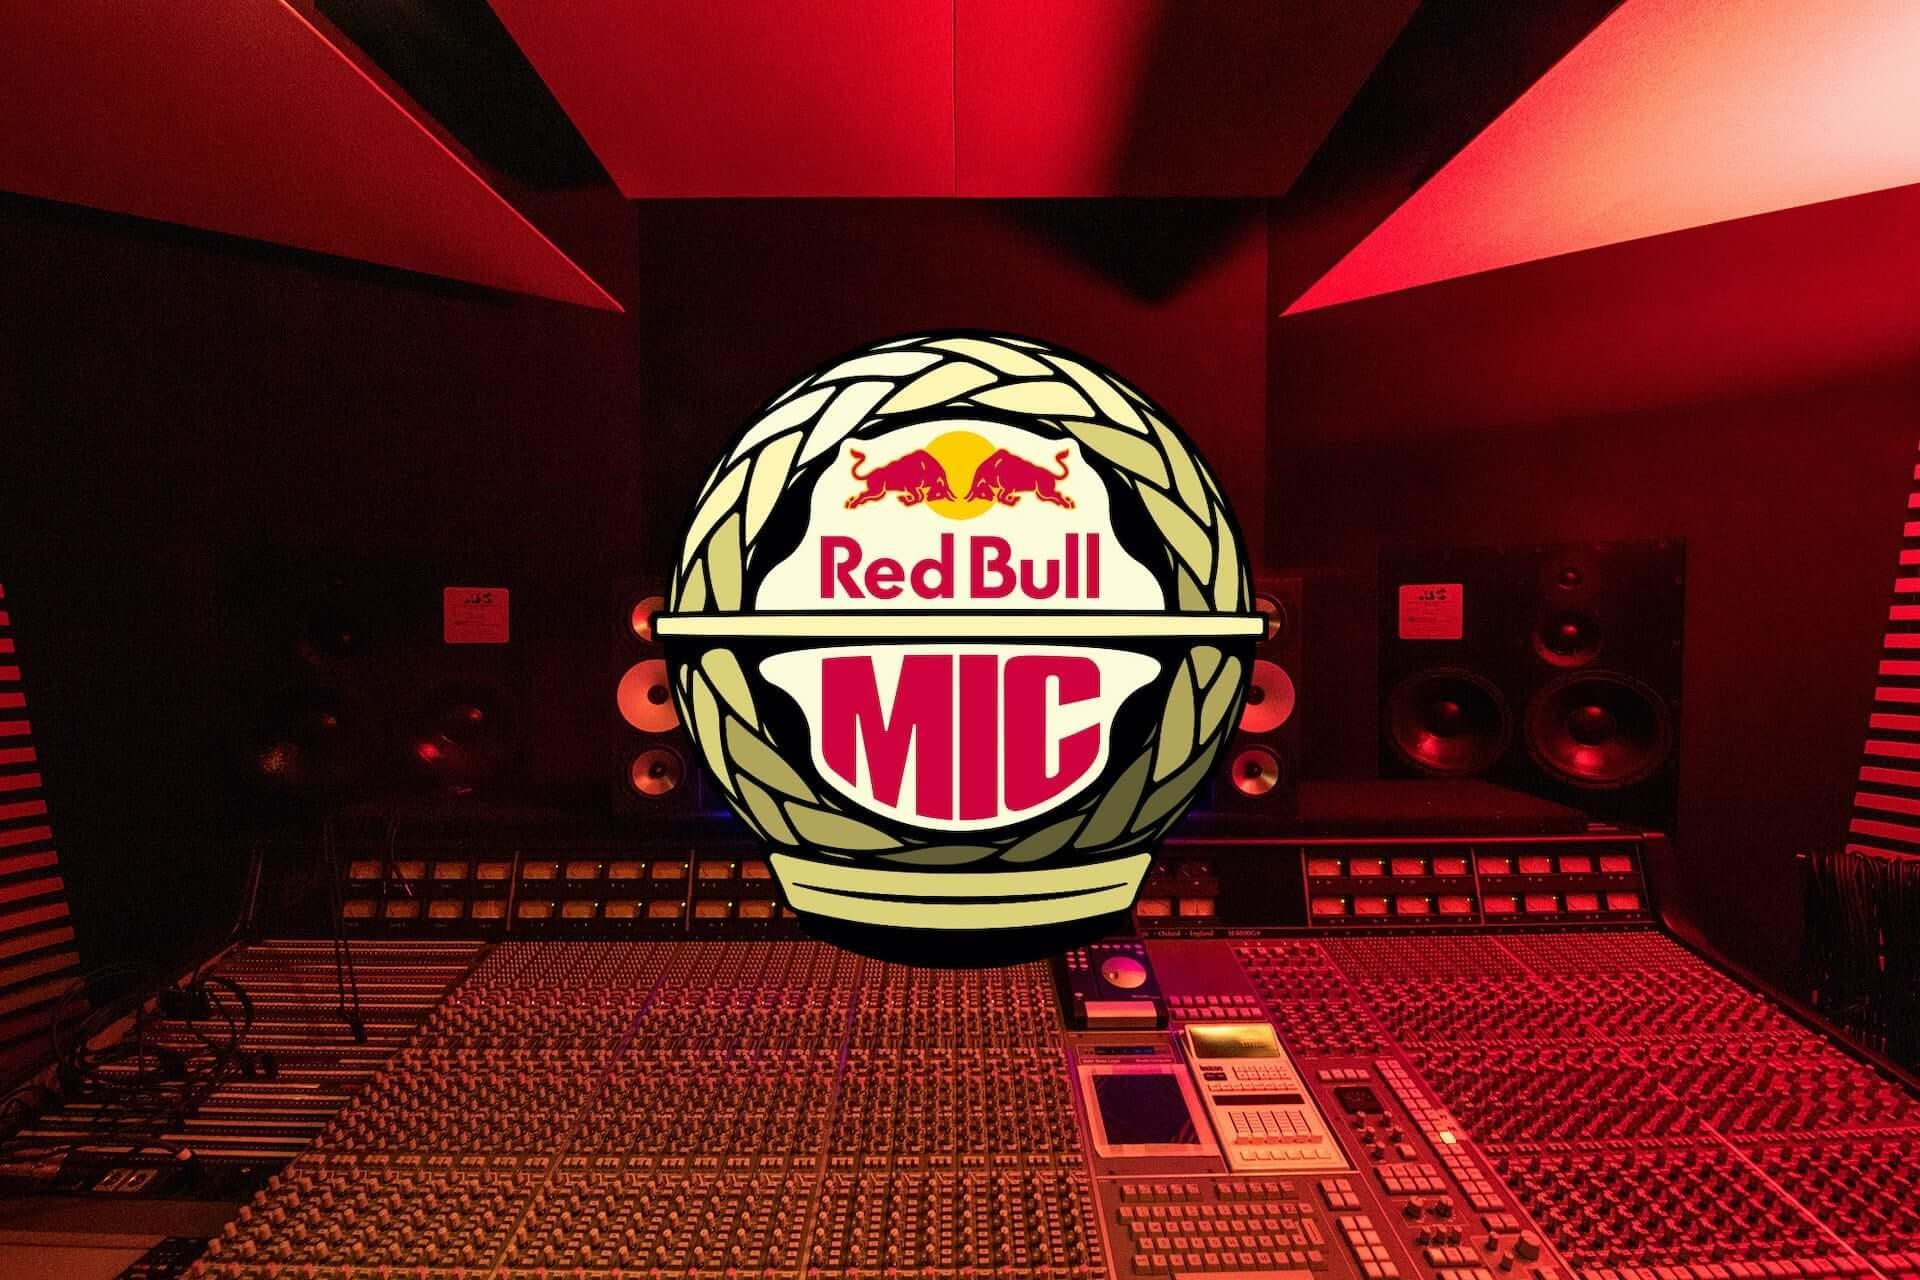 日本のヒップホップ専門YouTubeチャンネル「レッドブルマイク」が開設!『Red Bull RASEN』最新作にはBES & ISSUGI、Gottz & MUDが登場 music210217_redbull_1-1920x1280